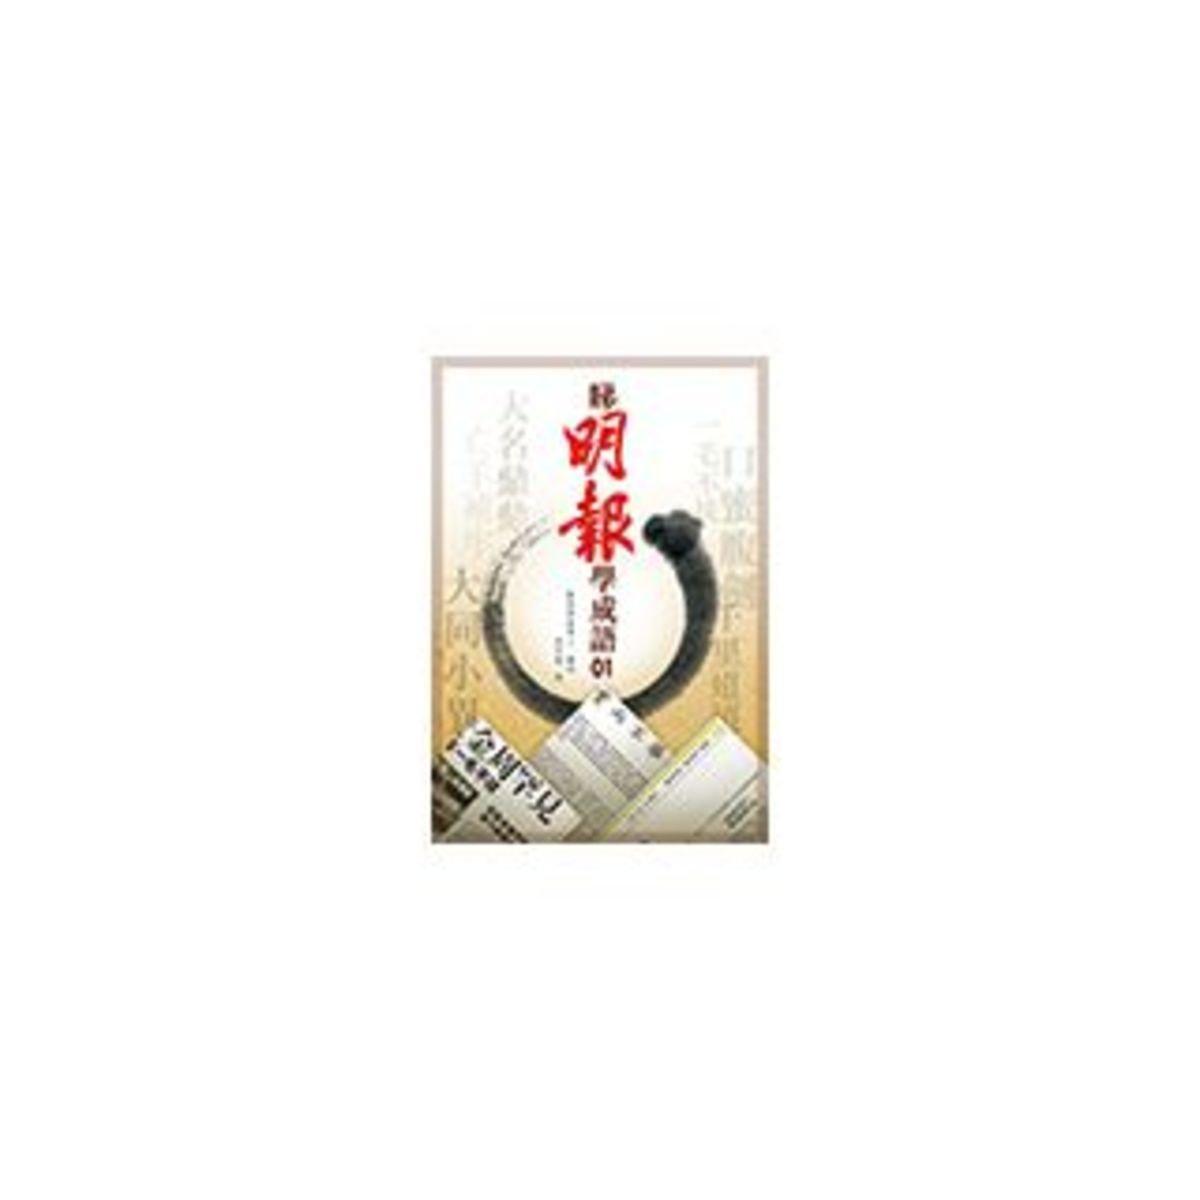 睇明報學成語 01